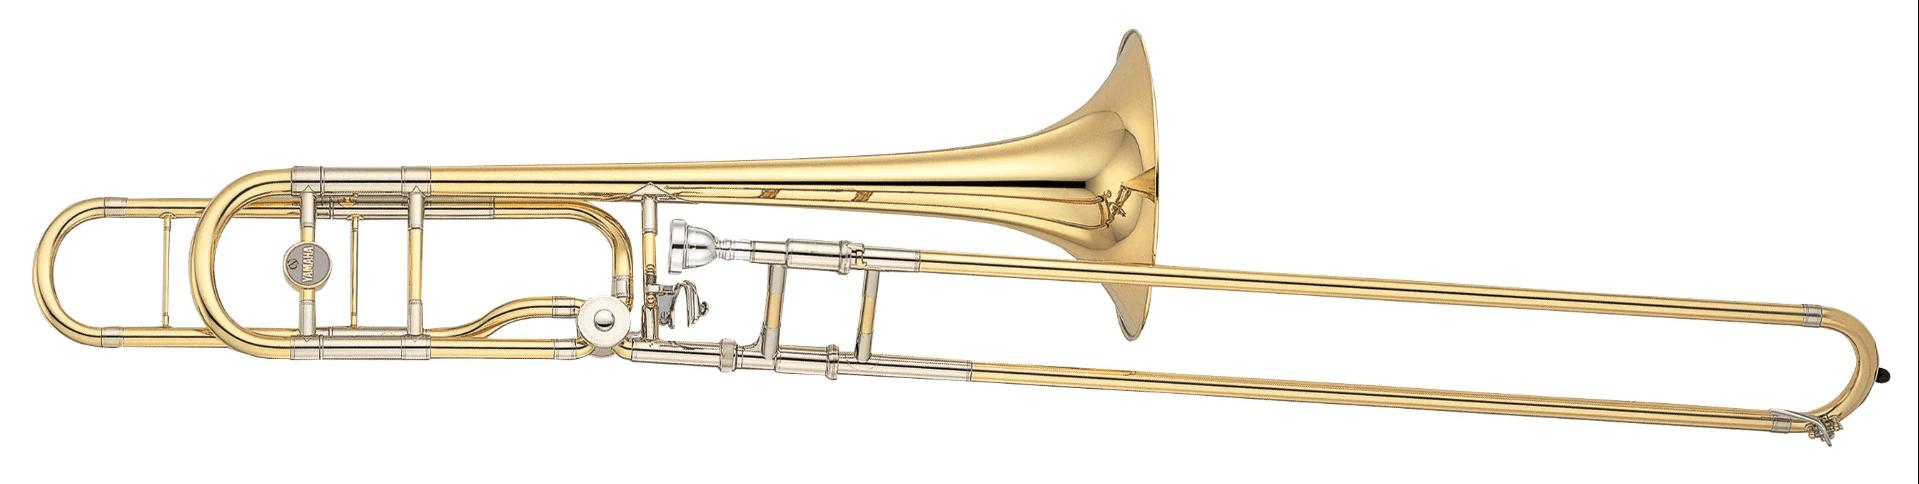 Trombon Tenor/Bajo Yamaha Ysl-882O 03